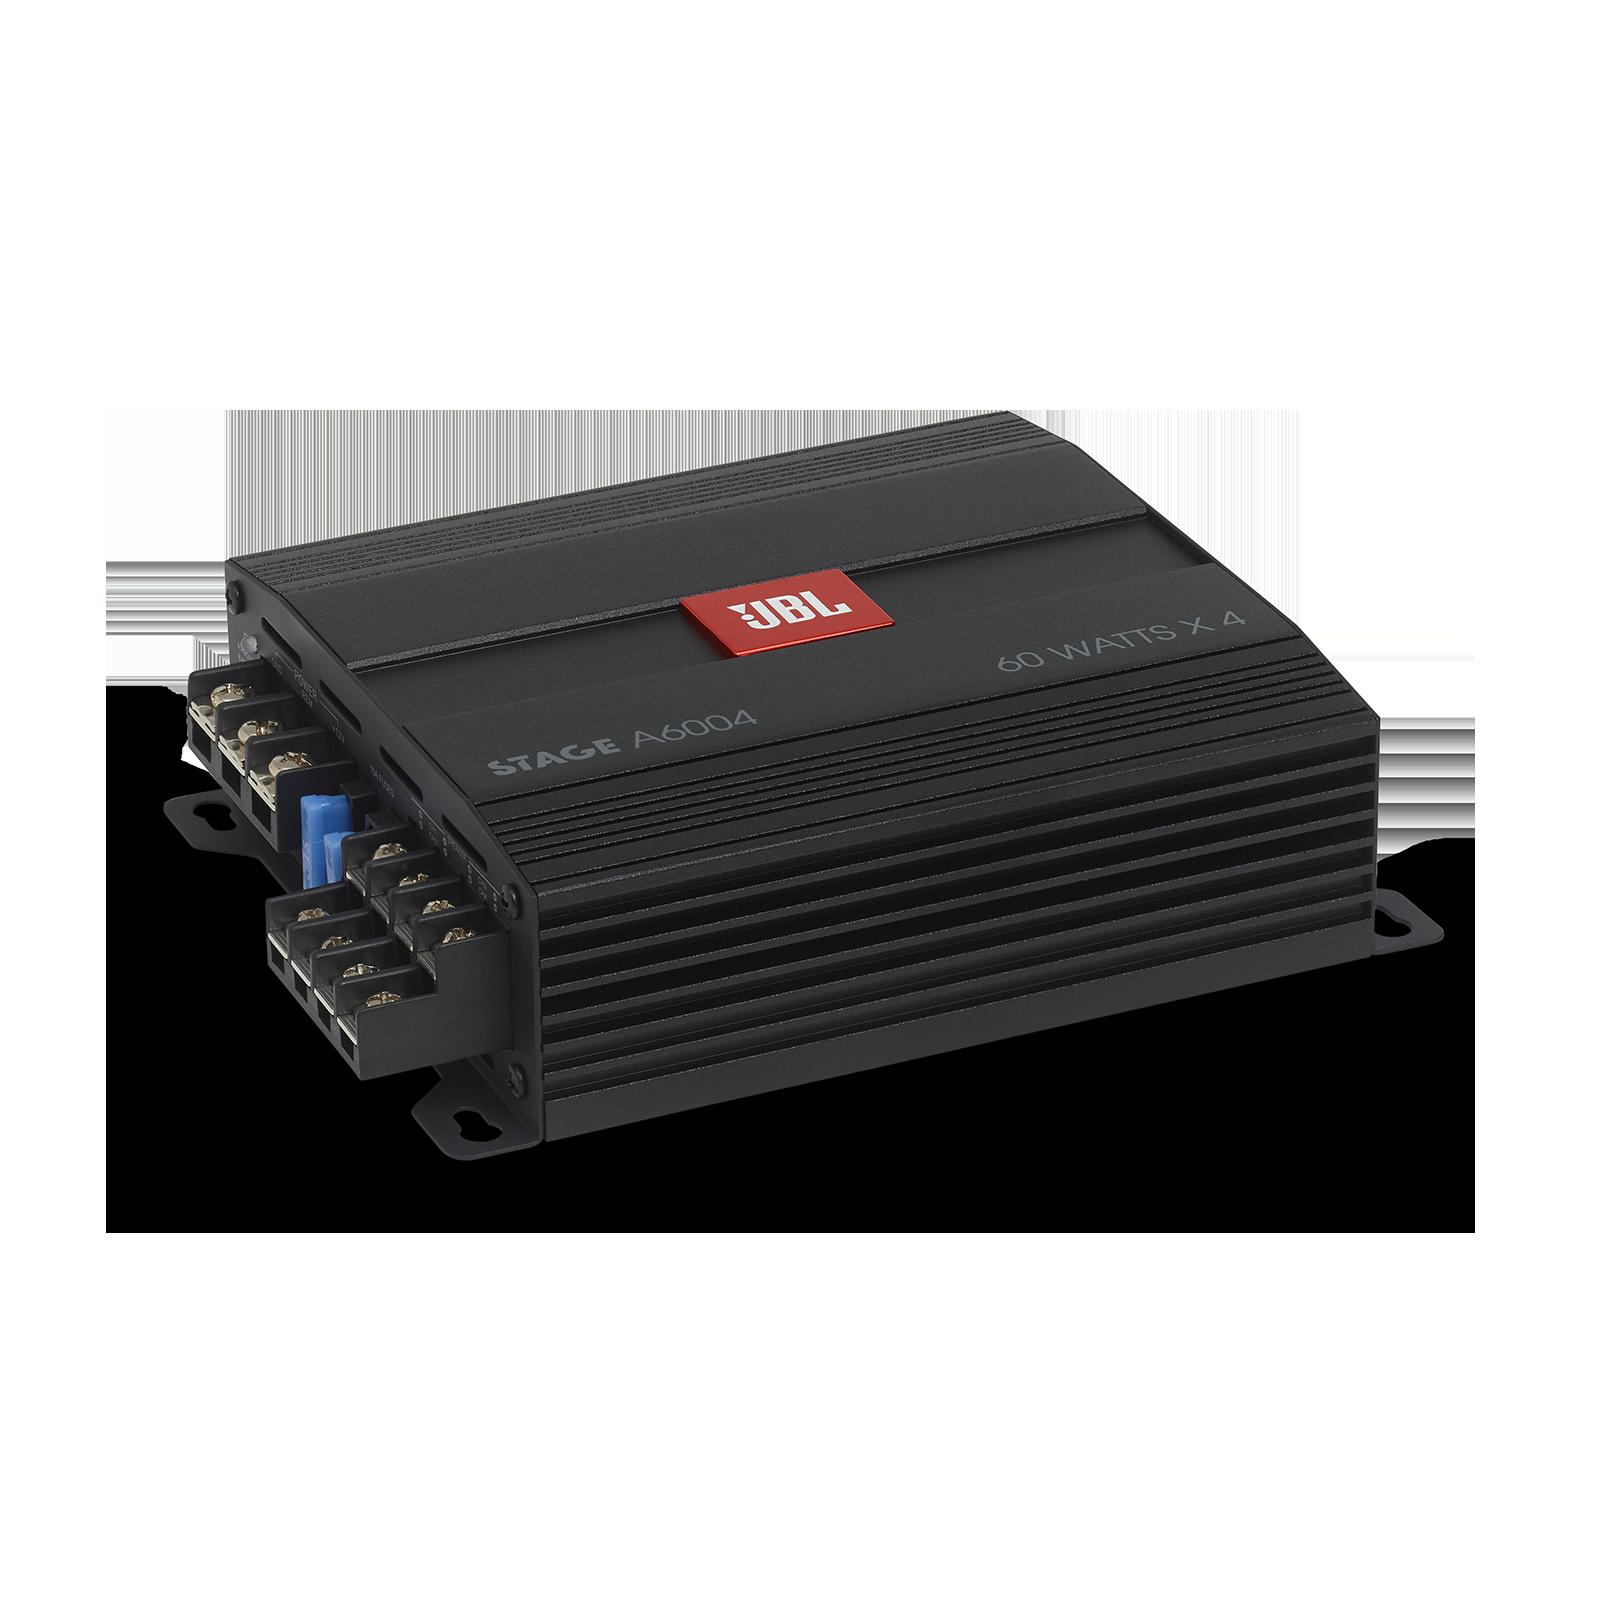 JBL Stage Amplifier A6004 - Black - Class D Car Audio Amplifier - Detailshot 2